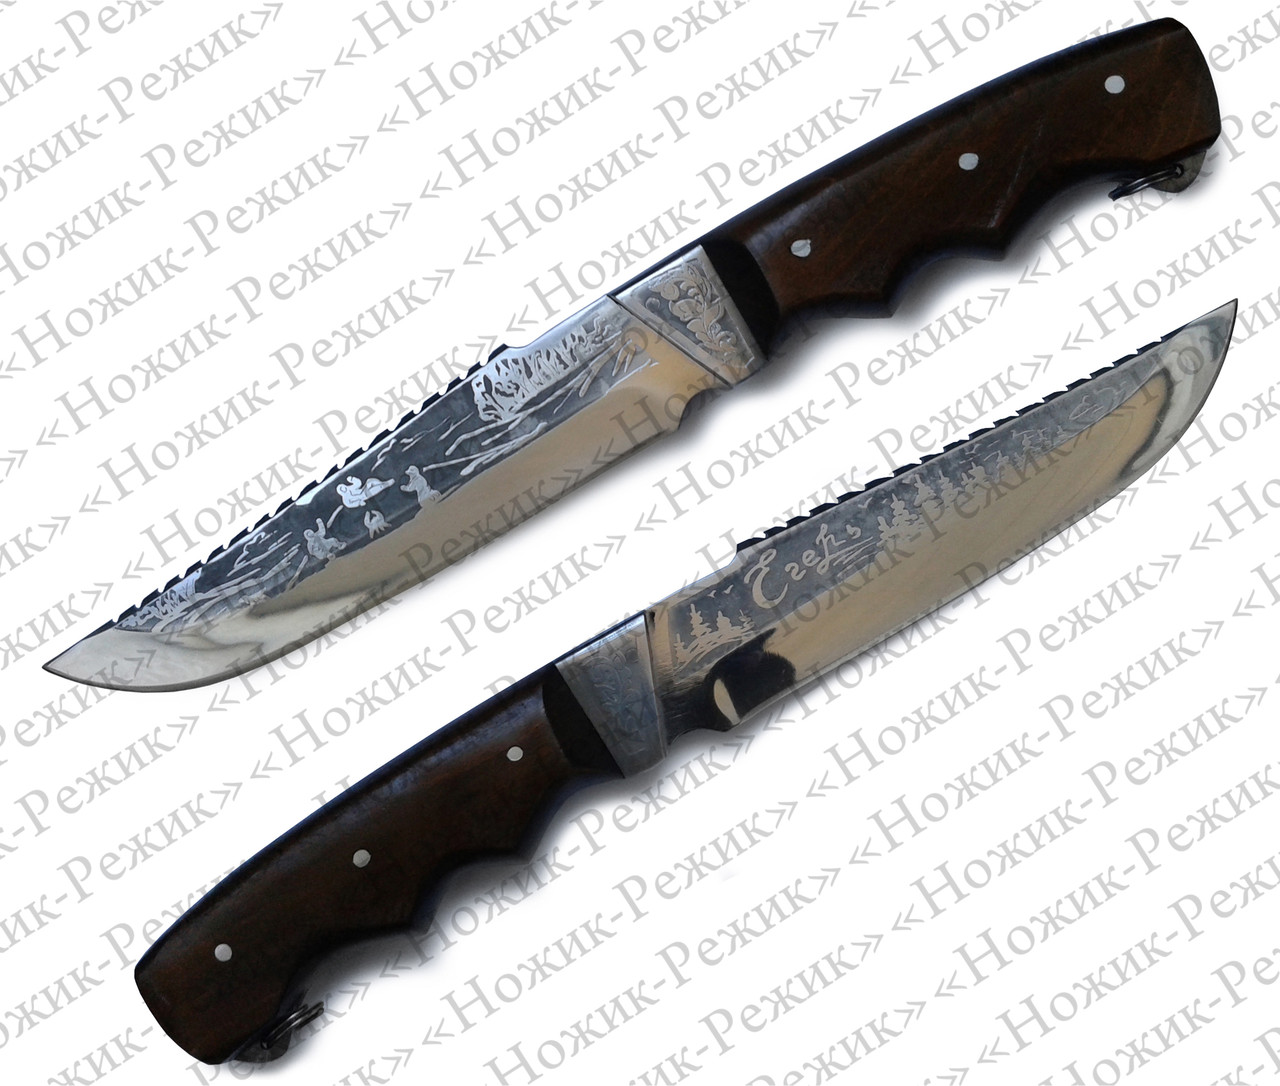 Нож для охоты, нож Егерь, нож для рыбалки, туристический нож